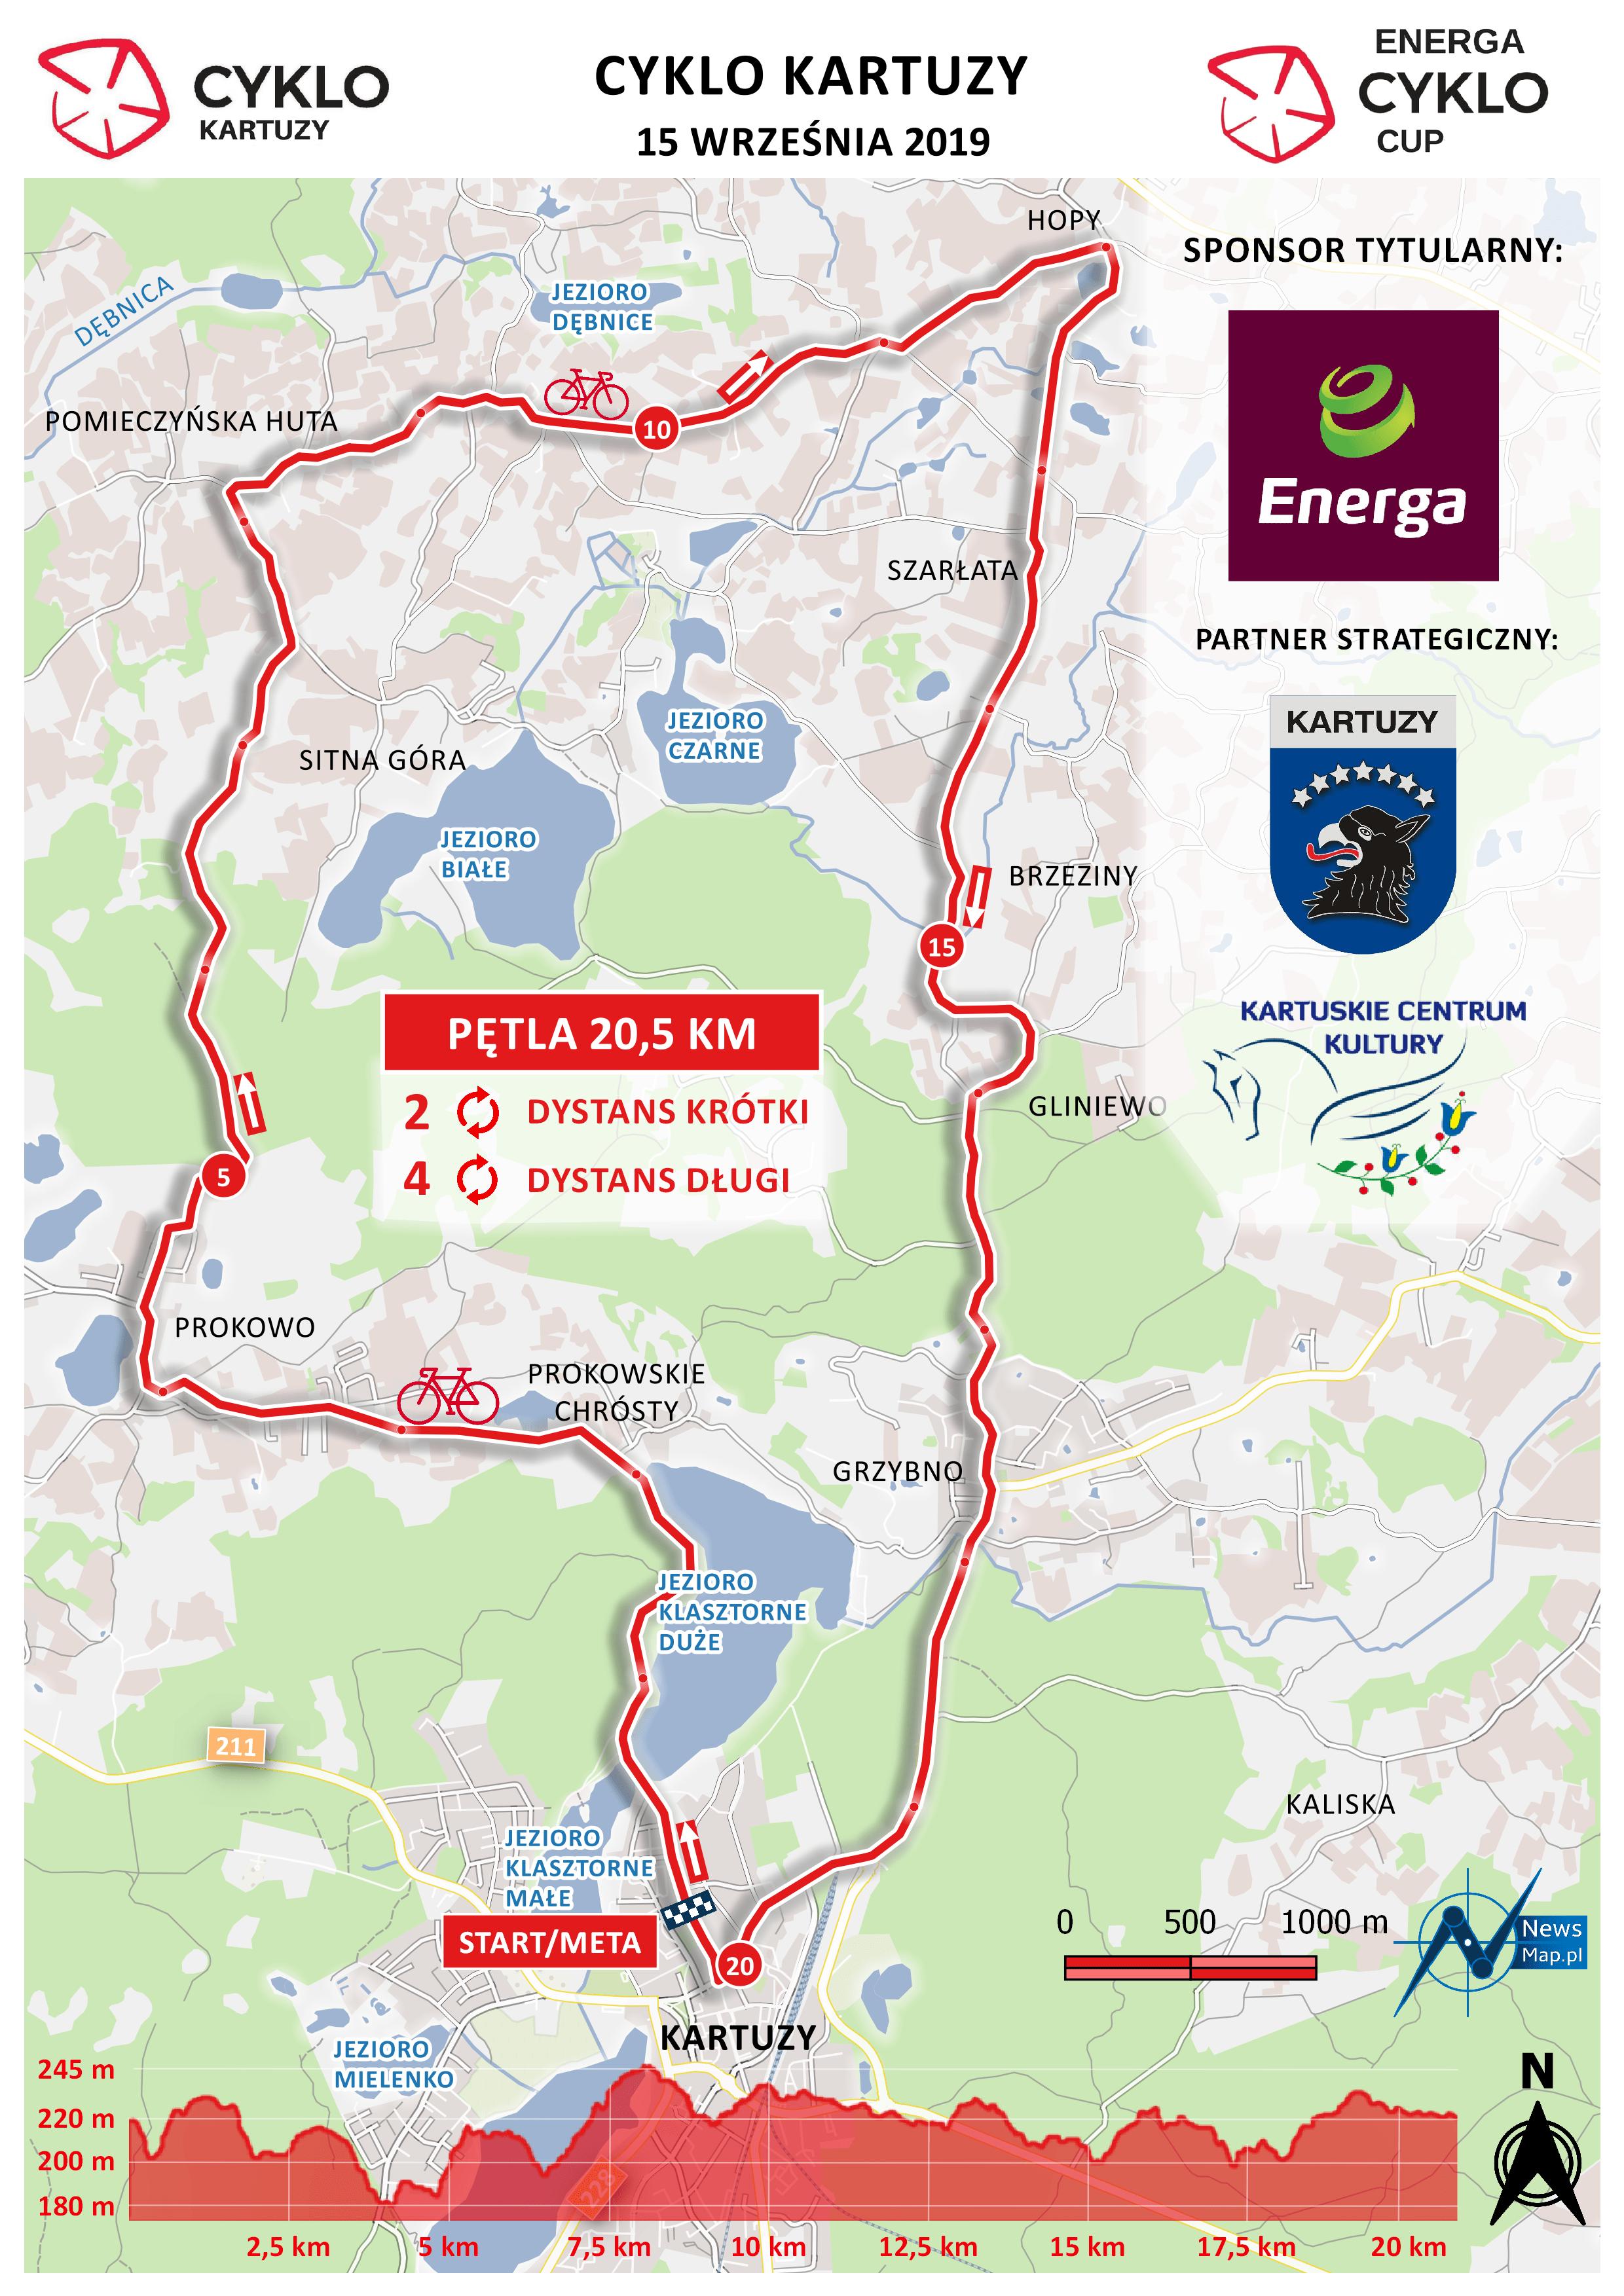 Cyklo Kartuzy 2019 - mapa trasy (on-line)